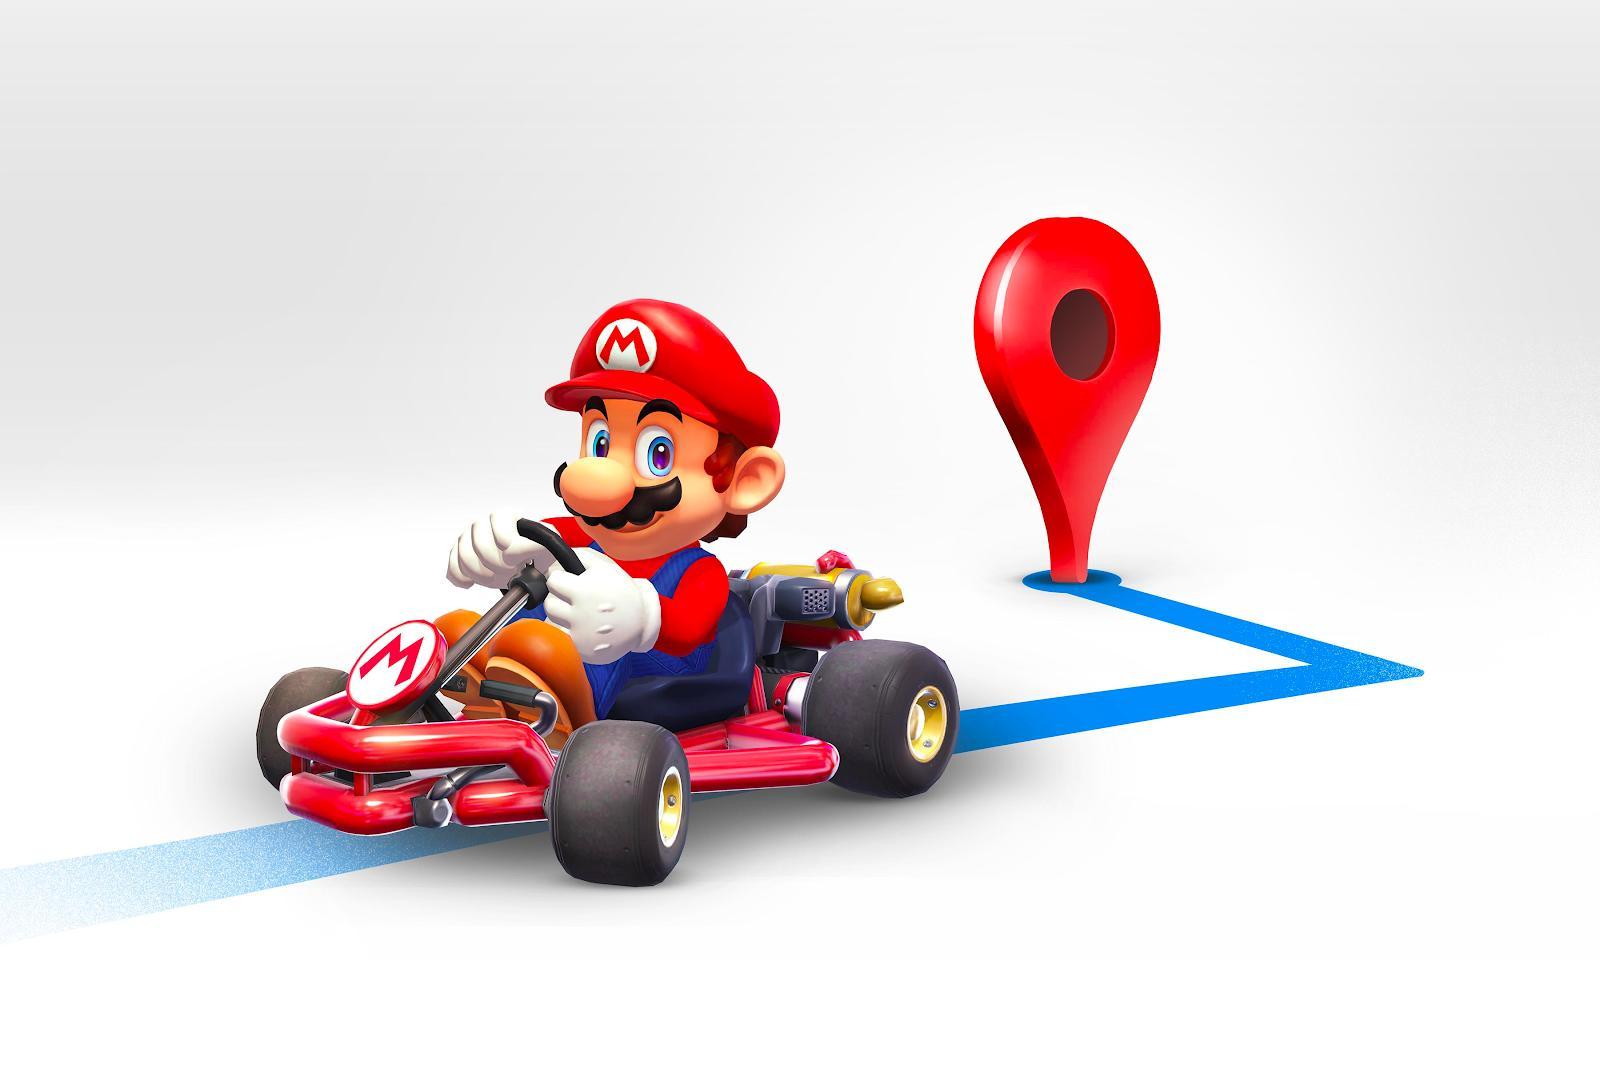 Google Maps Phien Ban Moi Nhat Se Co Nhan Vien La Mario Chi Duong 02